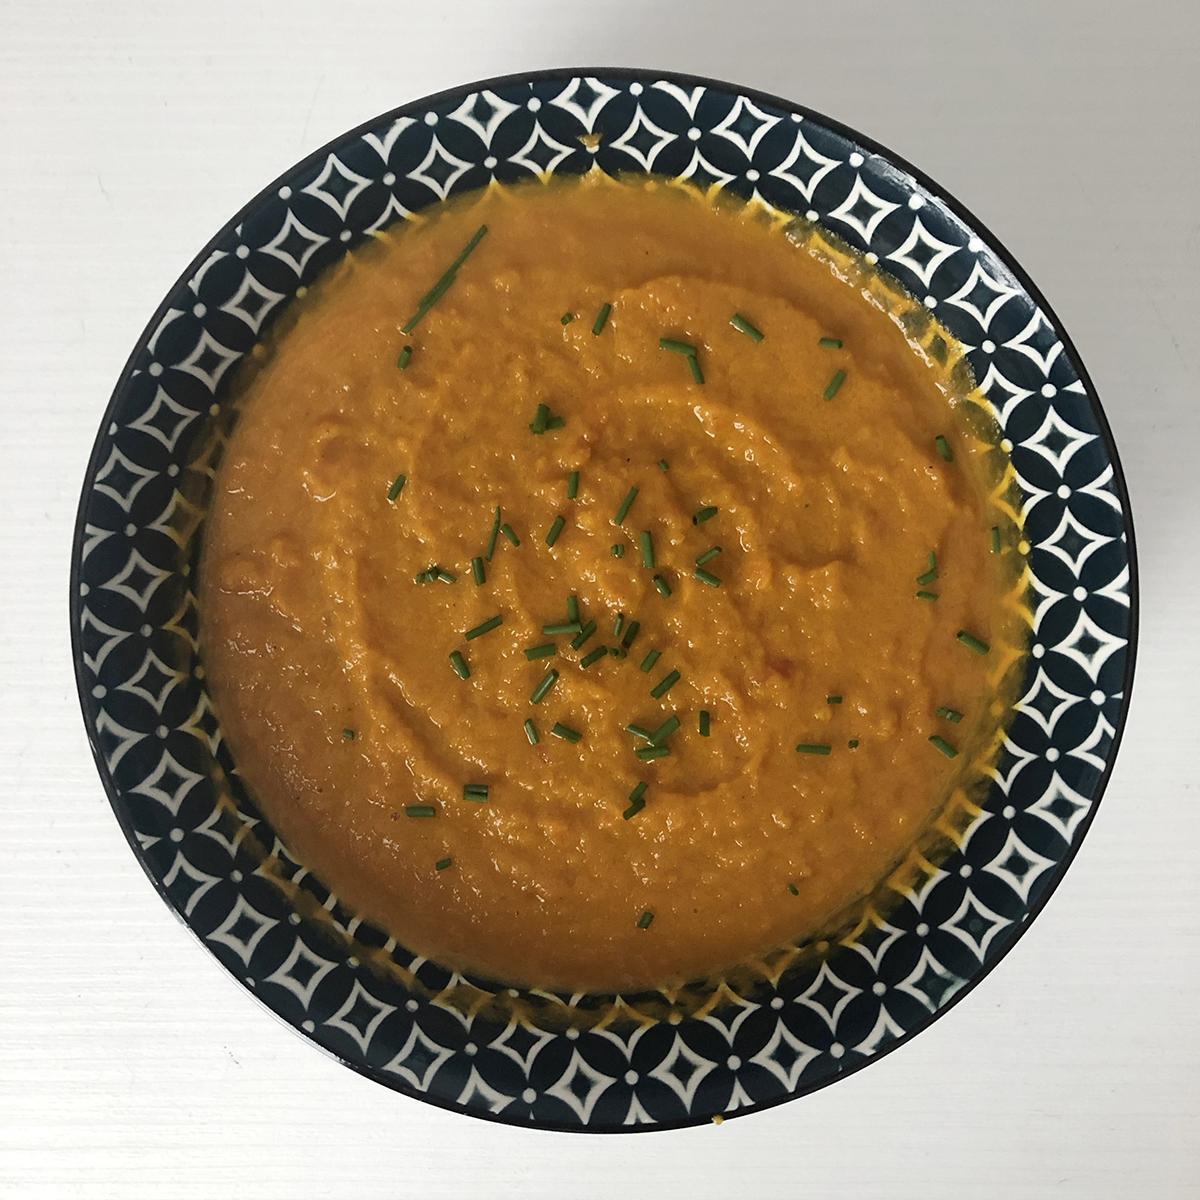 Vellutata di carote al curry